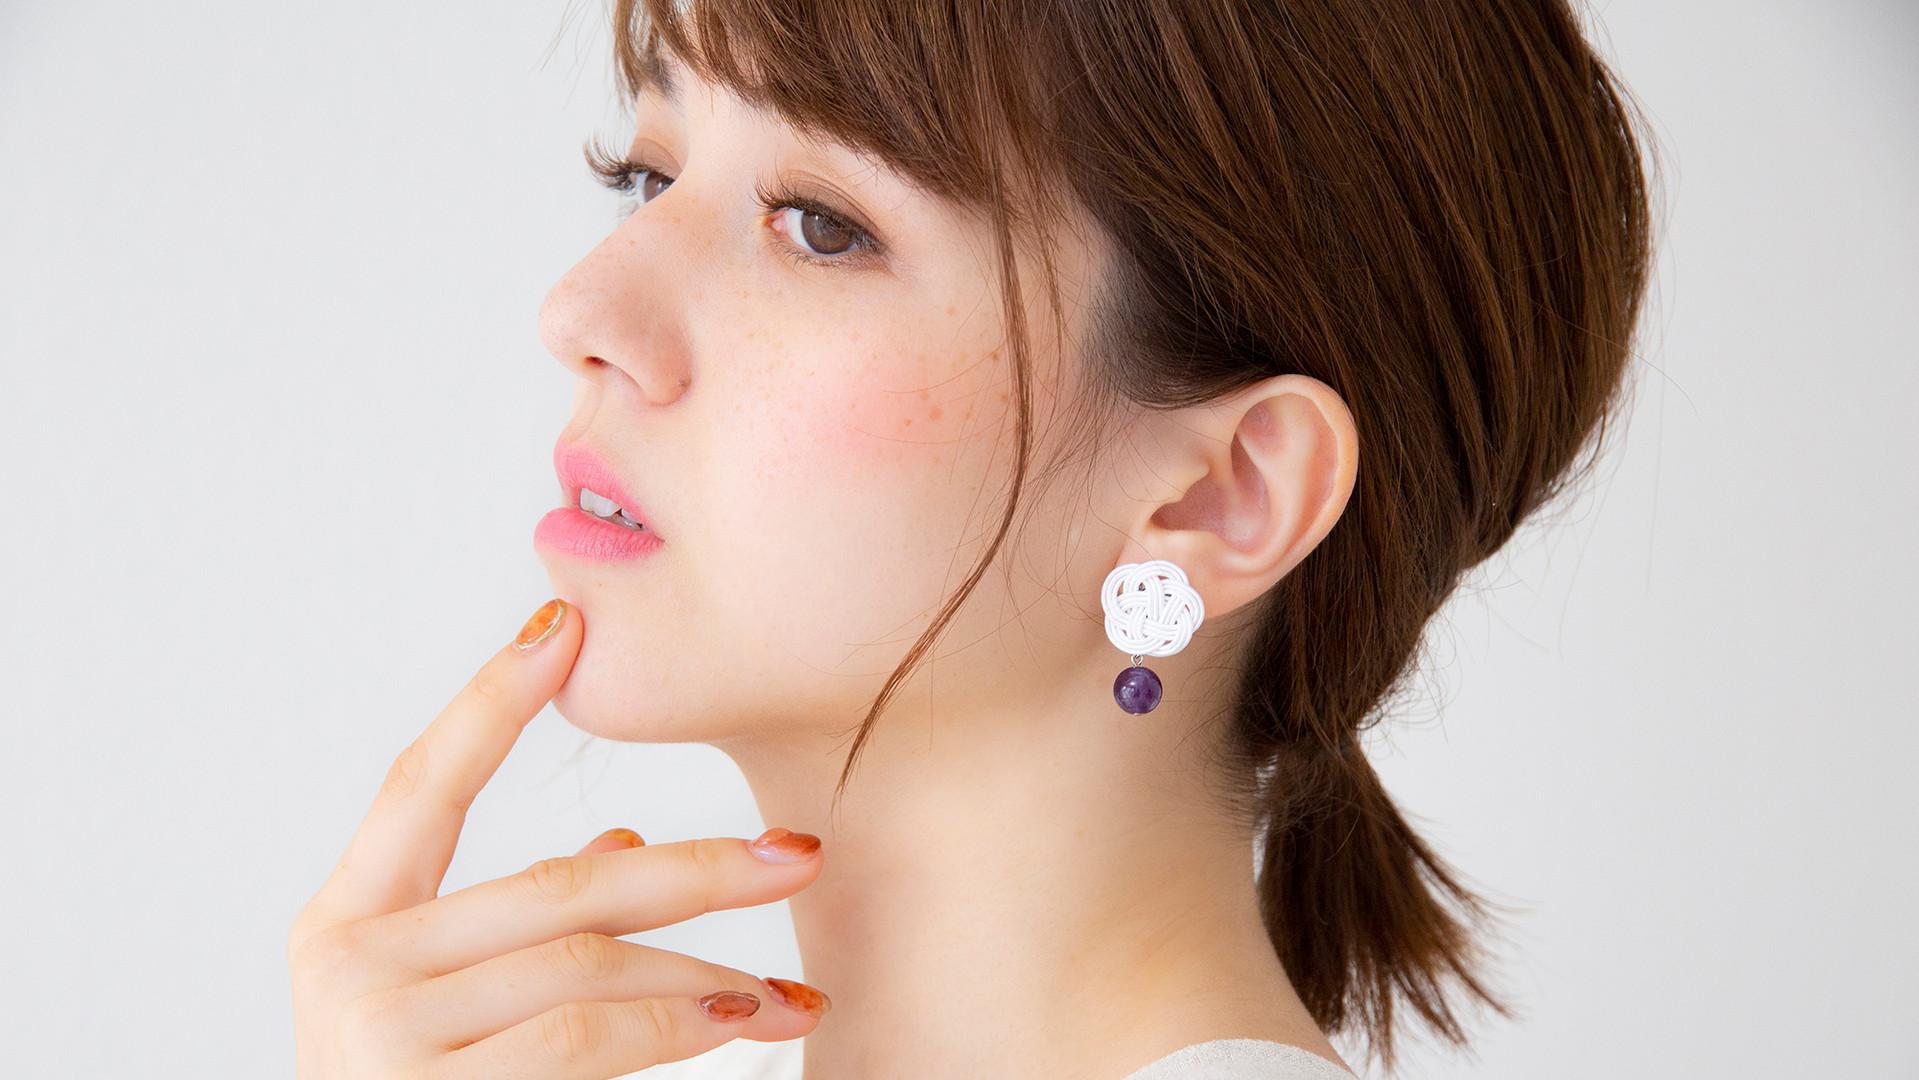 model_43_s.jpg